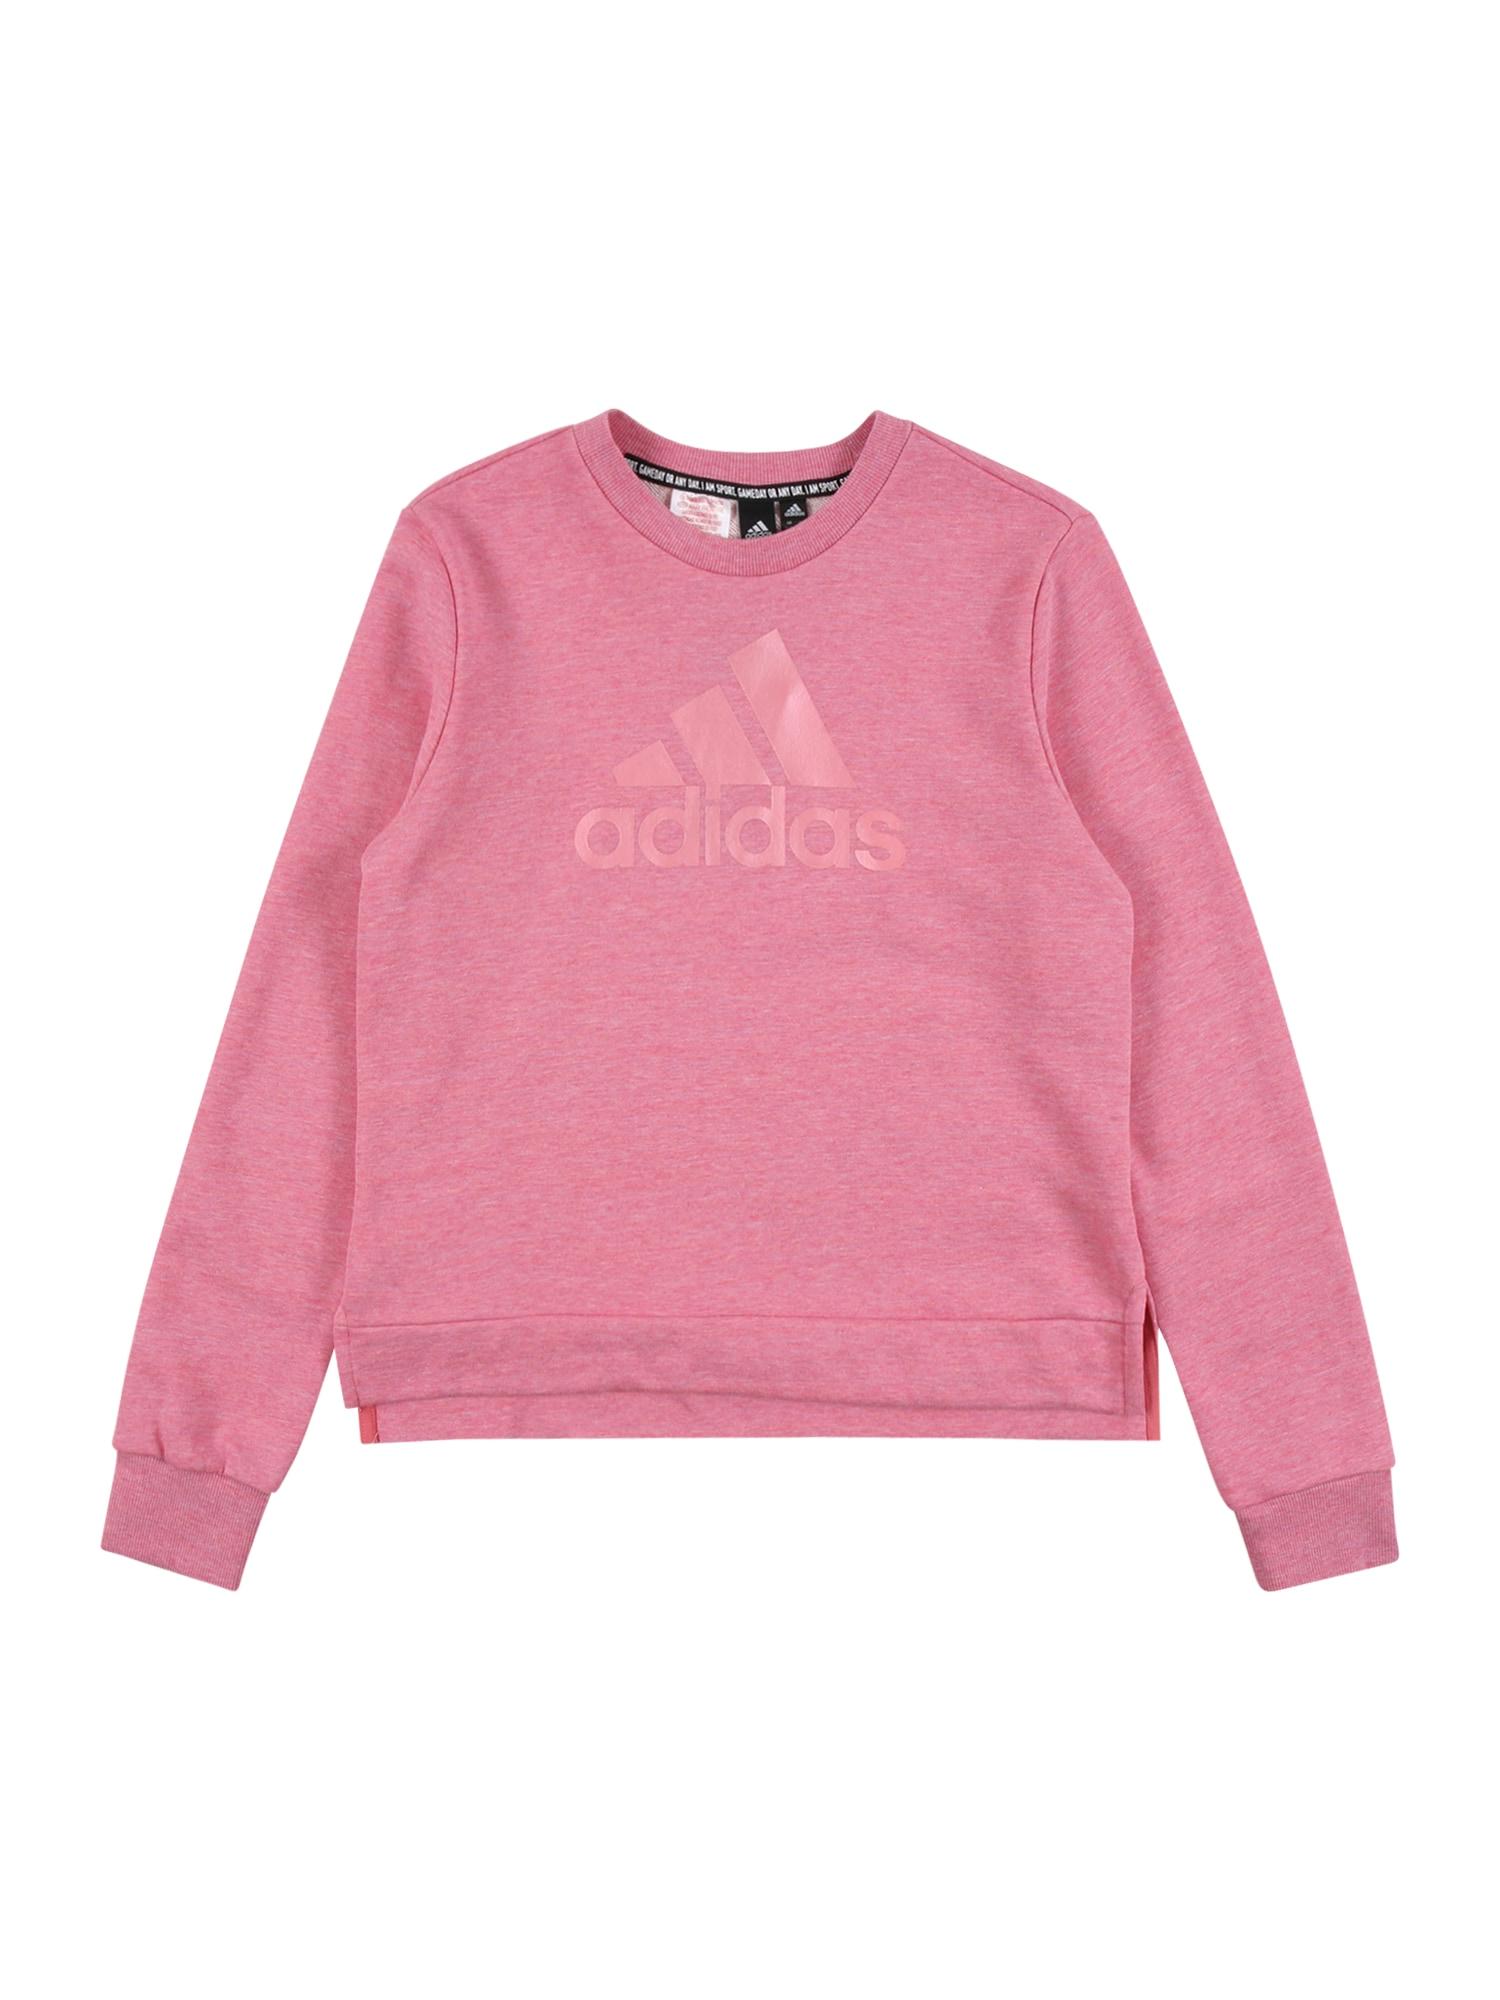 ADIDAS PERFORMANCE Sportinio tipo megztinis 'BOS' balta / rožinė